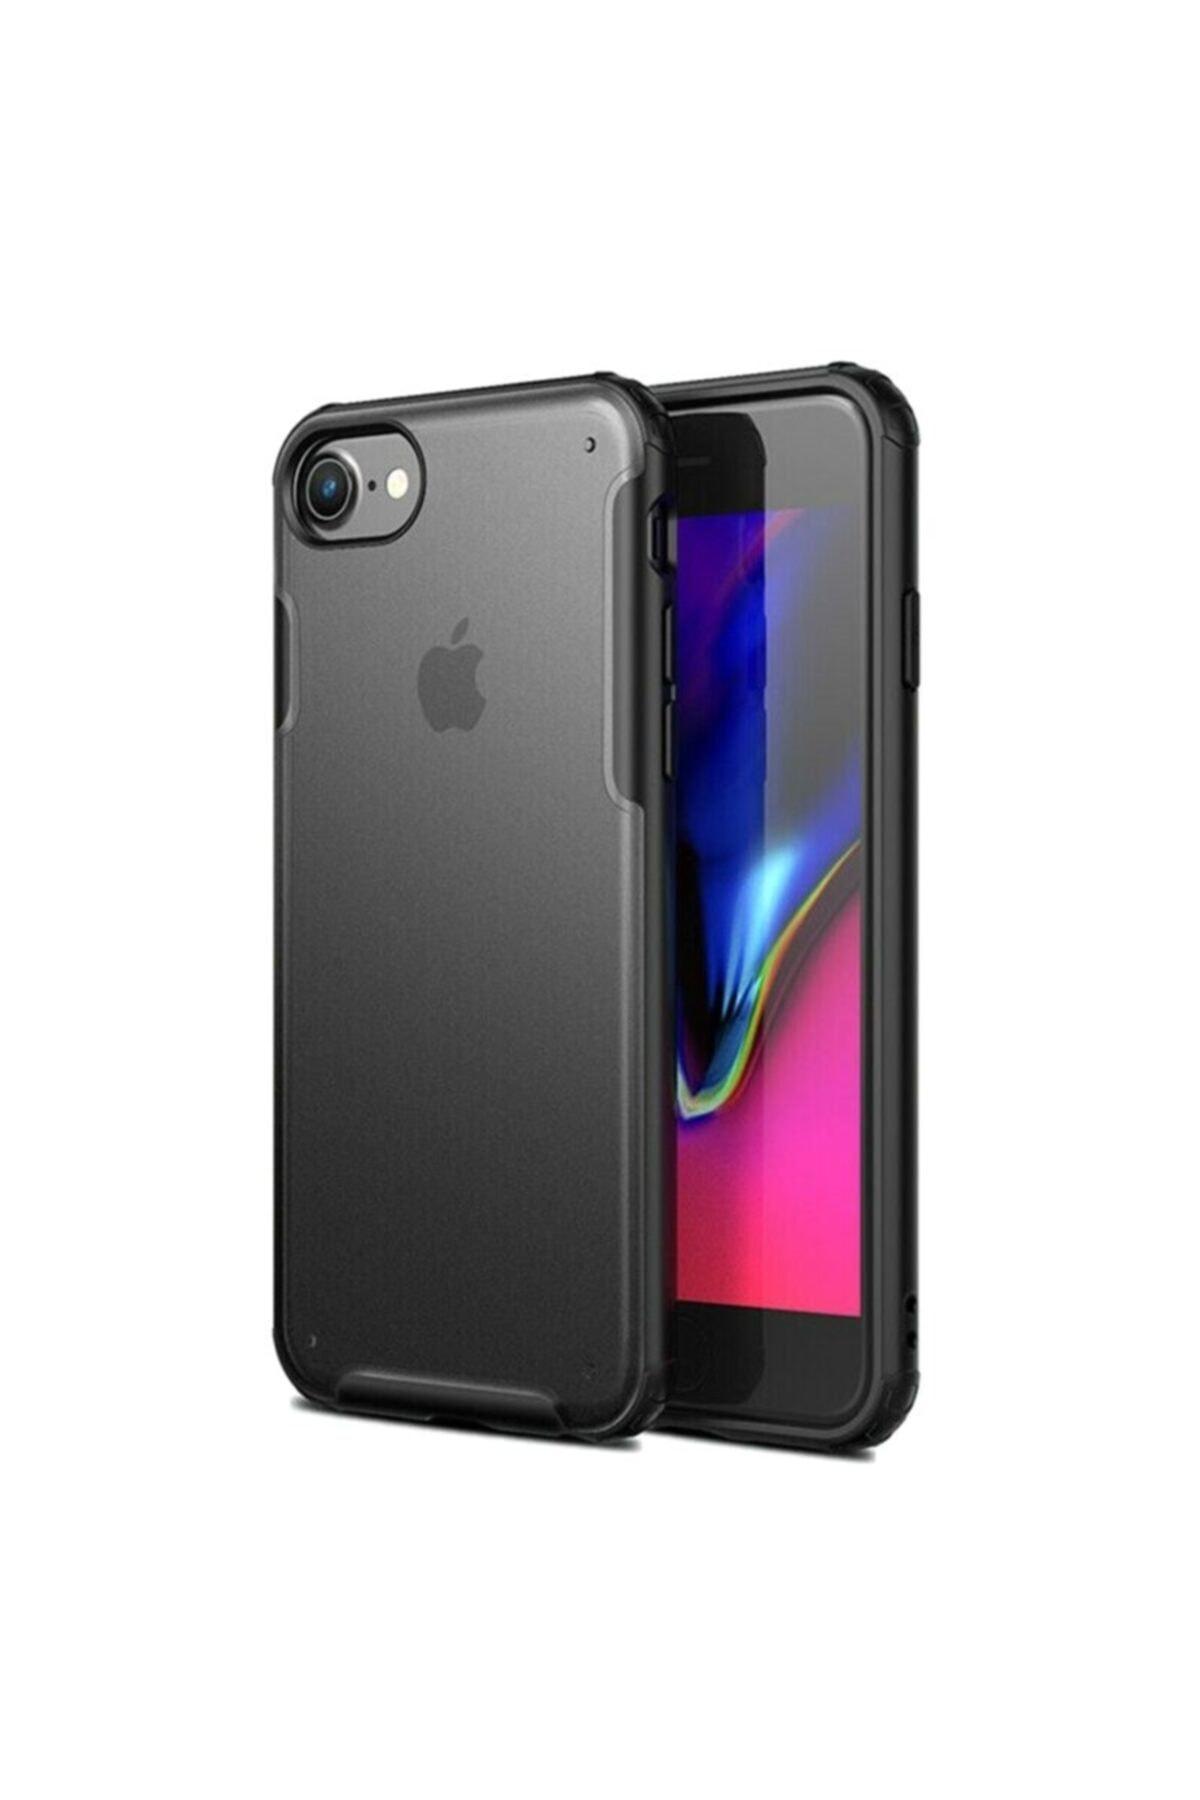 Apple Teleplus Iphone 8 Plus Kılıf Vonk Hibrit Sert Silikon Siyah + Nano Ekran Koruyucu 1